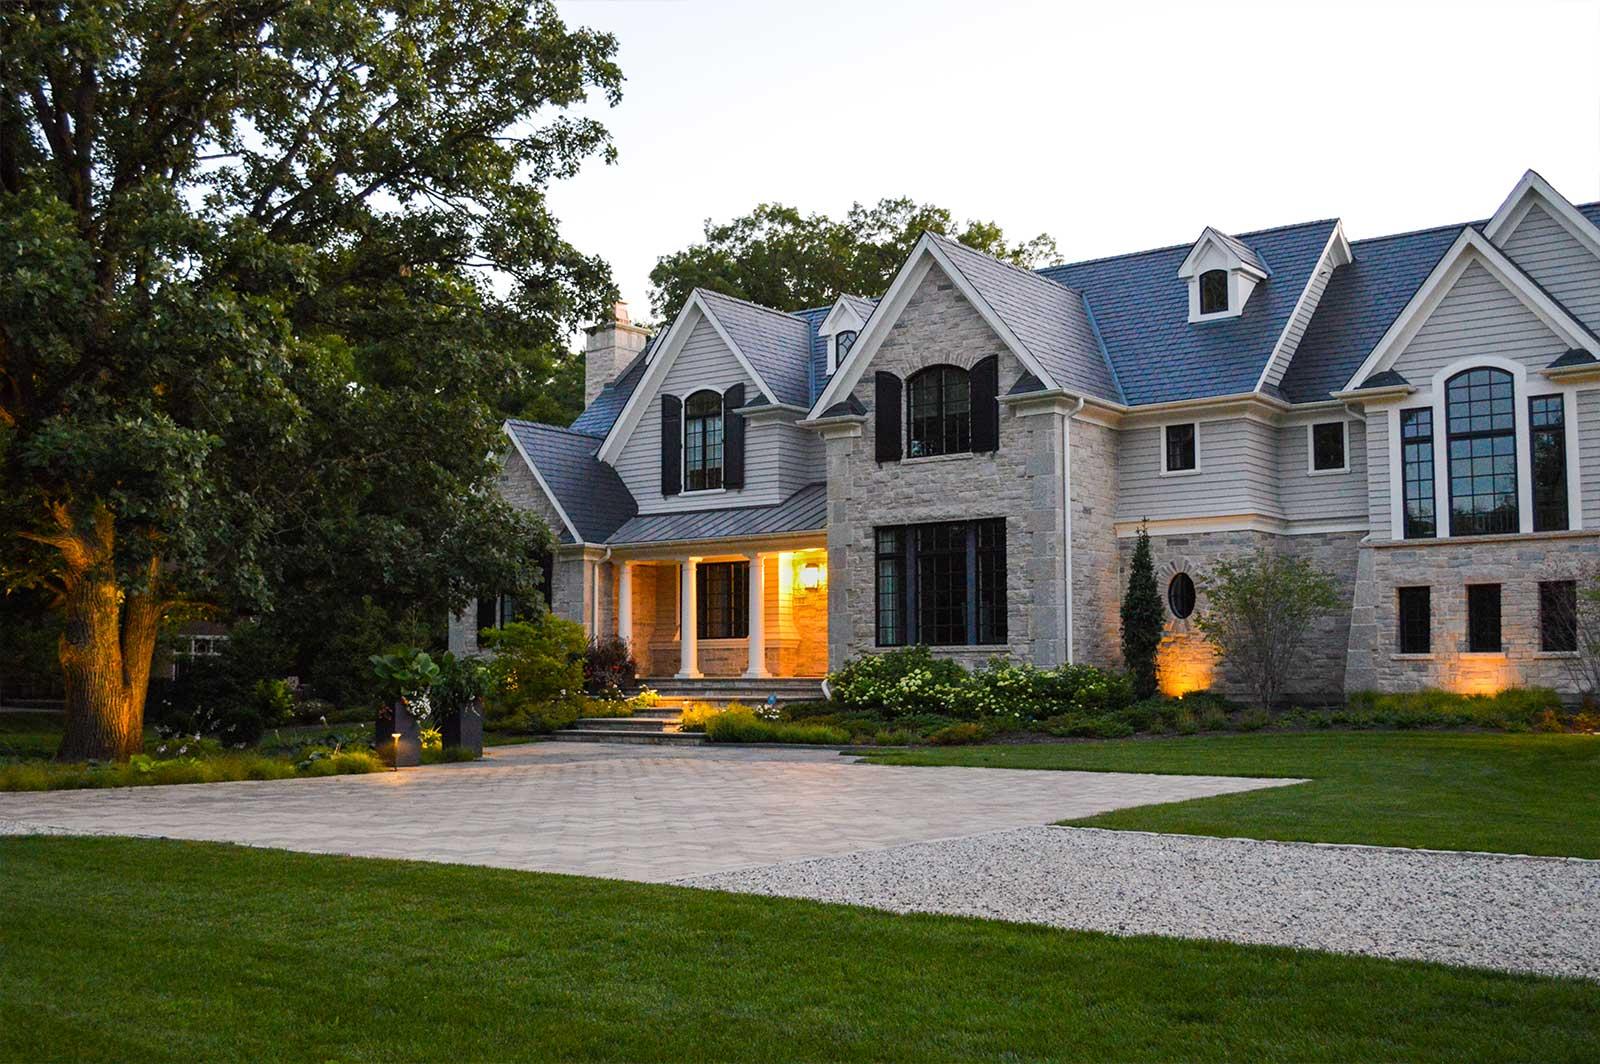 O'Brien Landscape | Residential Landscape Architect